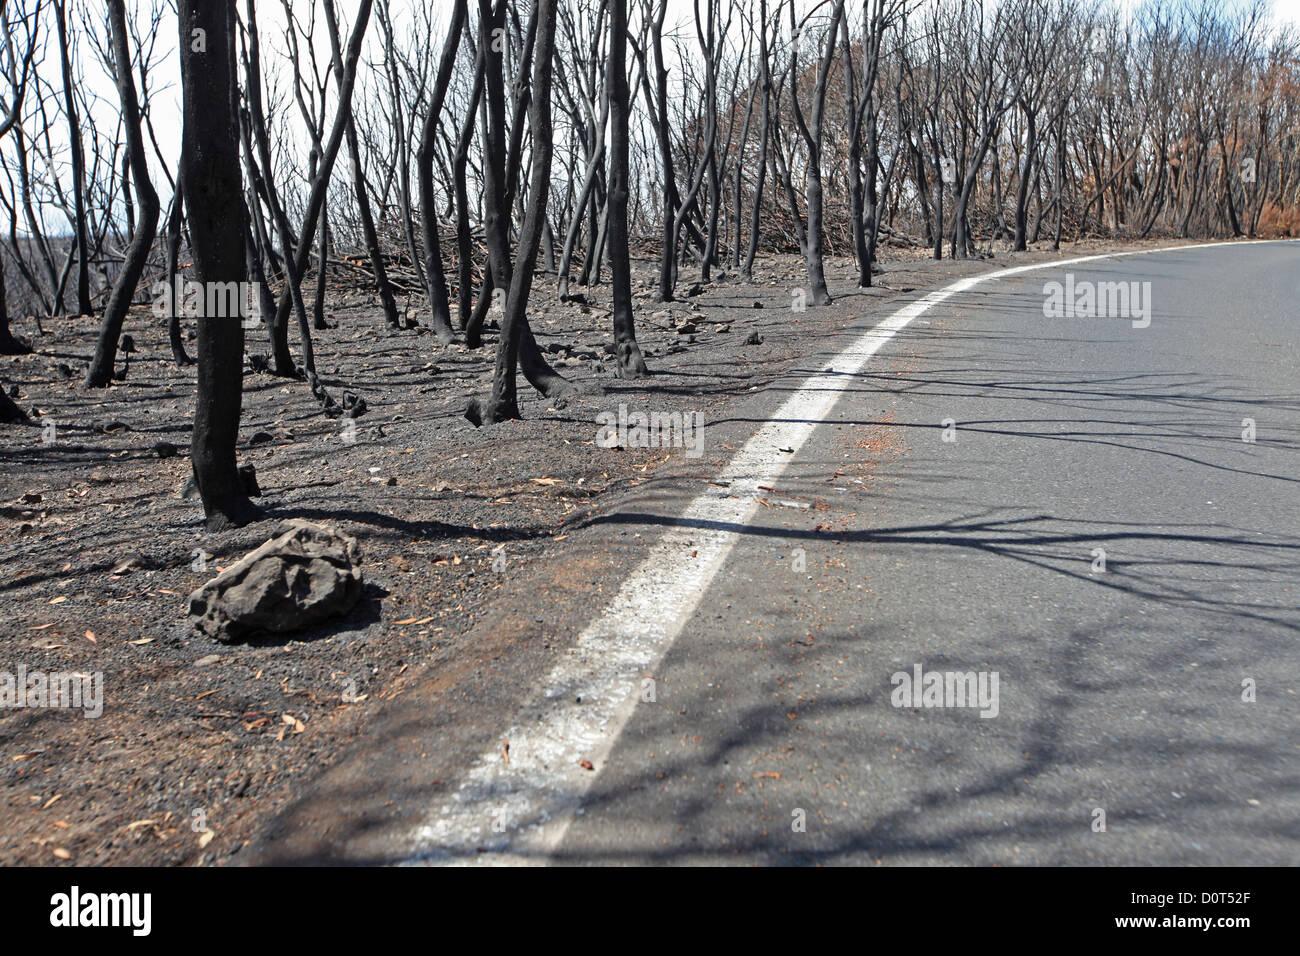 Verbrannte Bäume Feuer einige Tage nach dem Wald im Jahr 2012 in den Lorbeerwald der Garajonay Nationalpark Stockbild